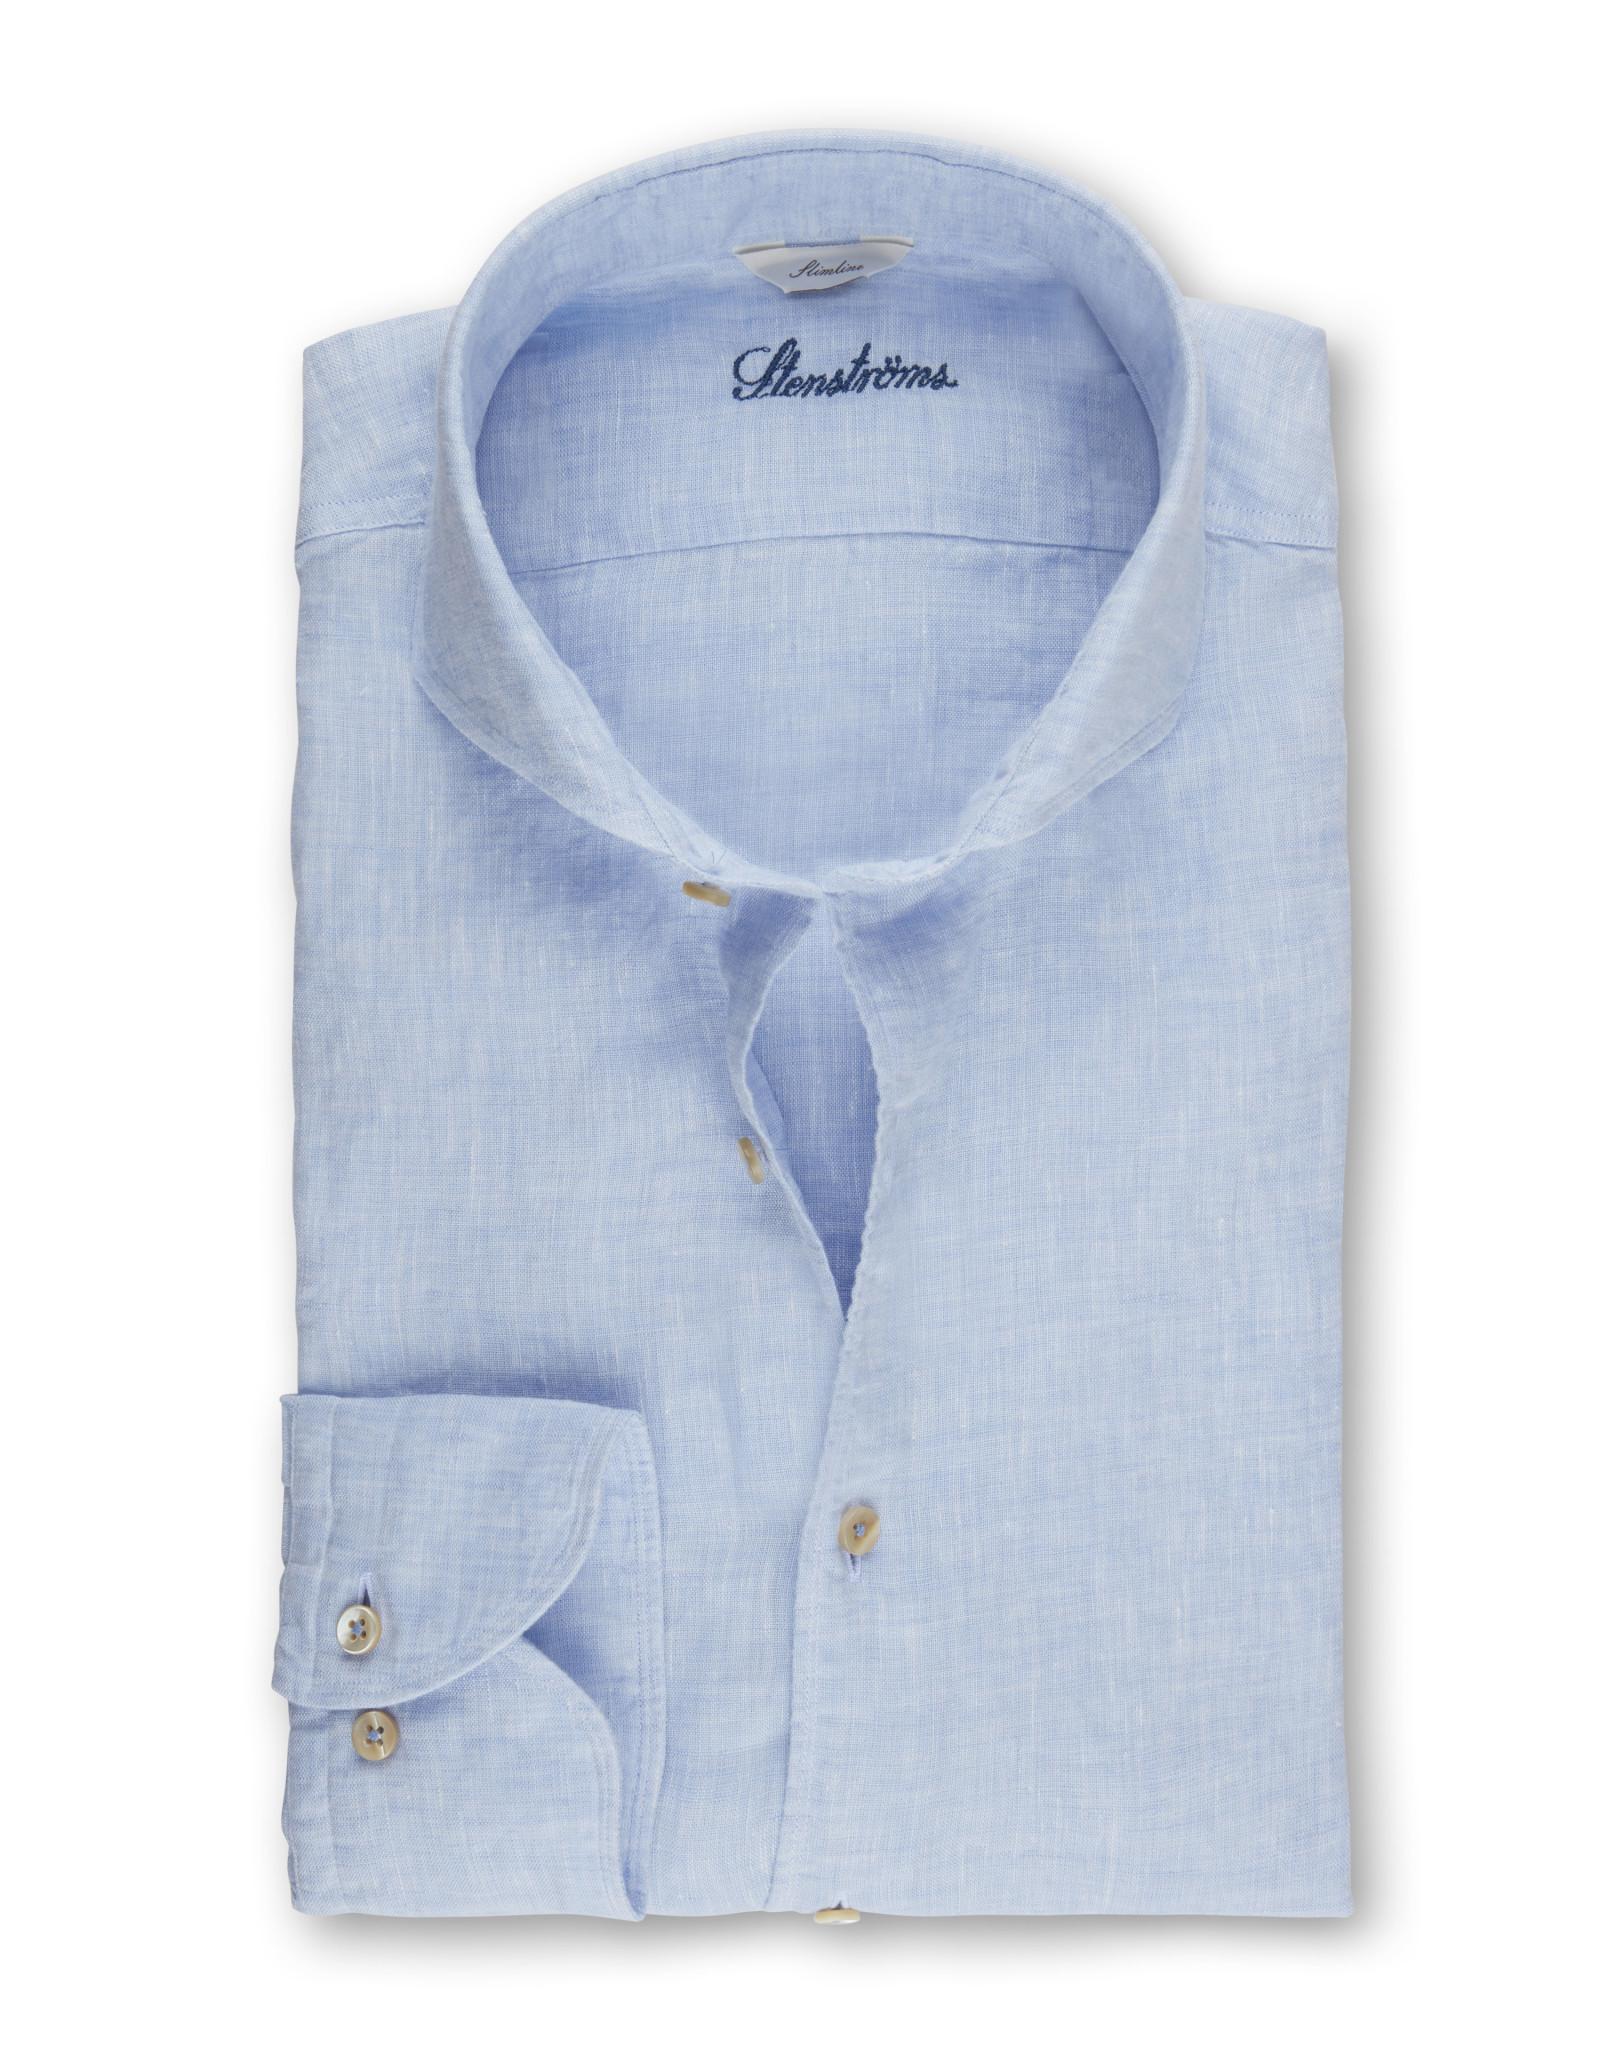 Stenströms Stenströms hemd linnen lichtblauw Slimline 775221-7970/100